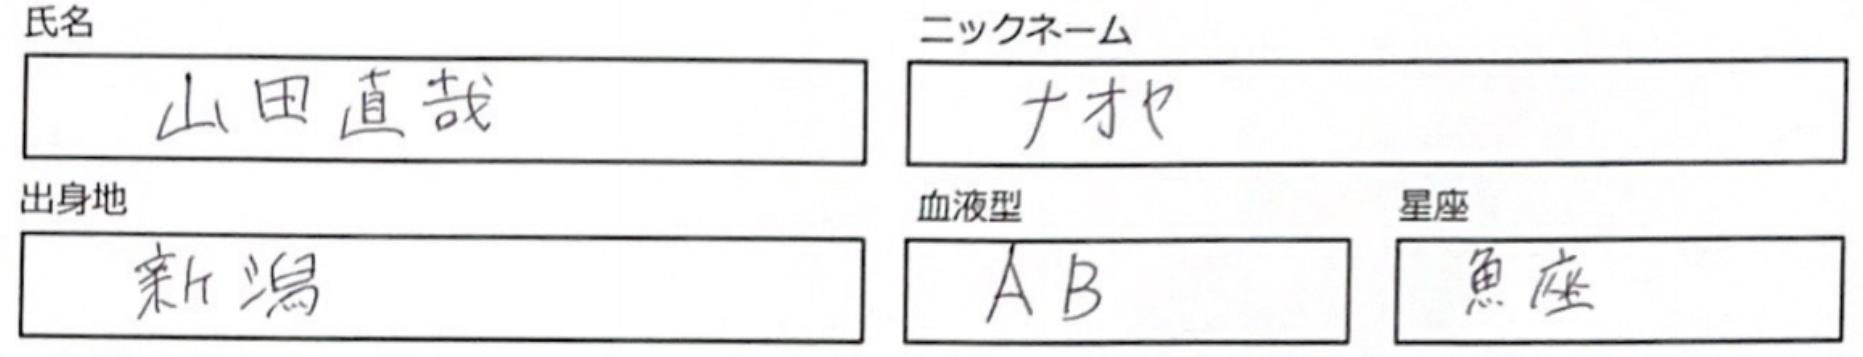 山田君基本情報